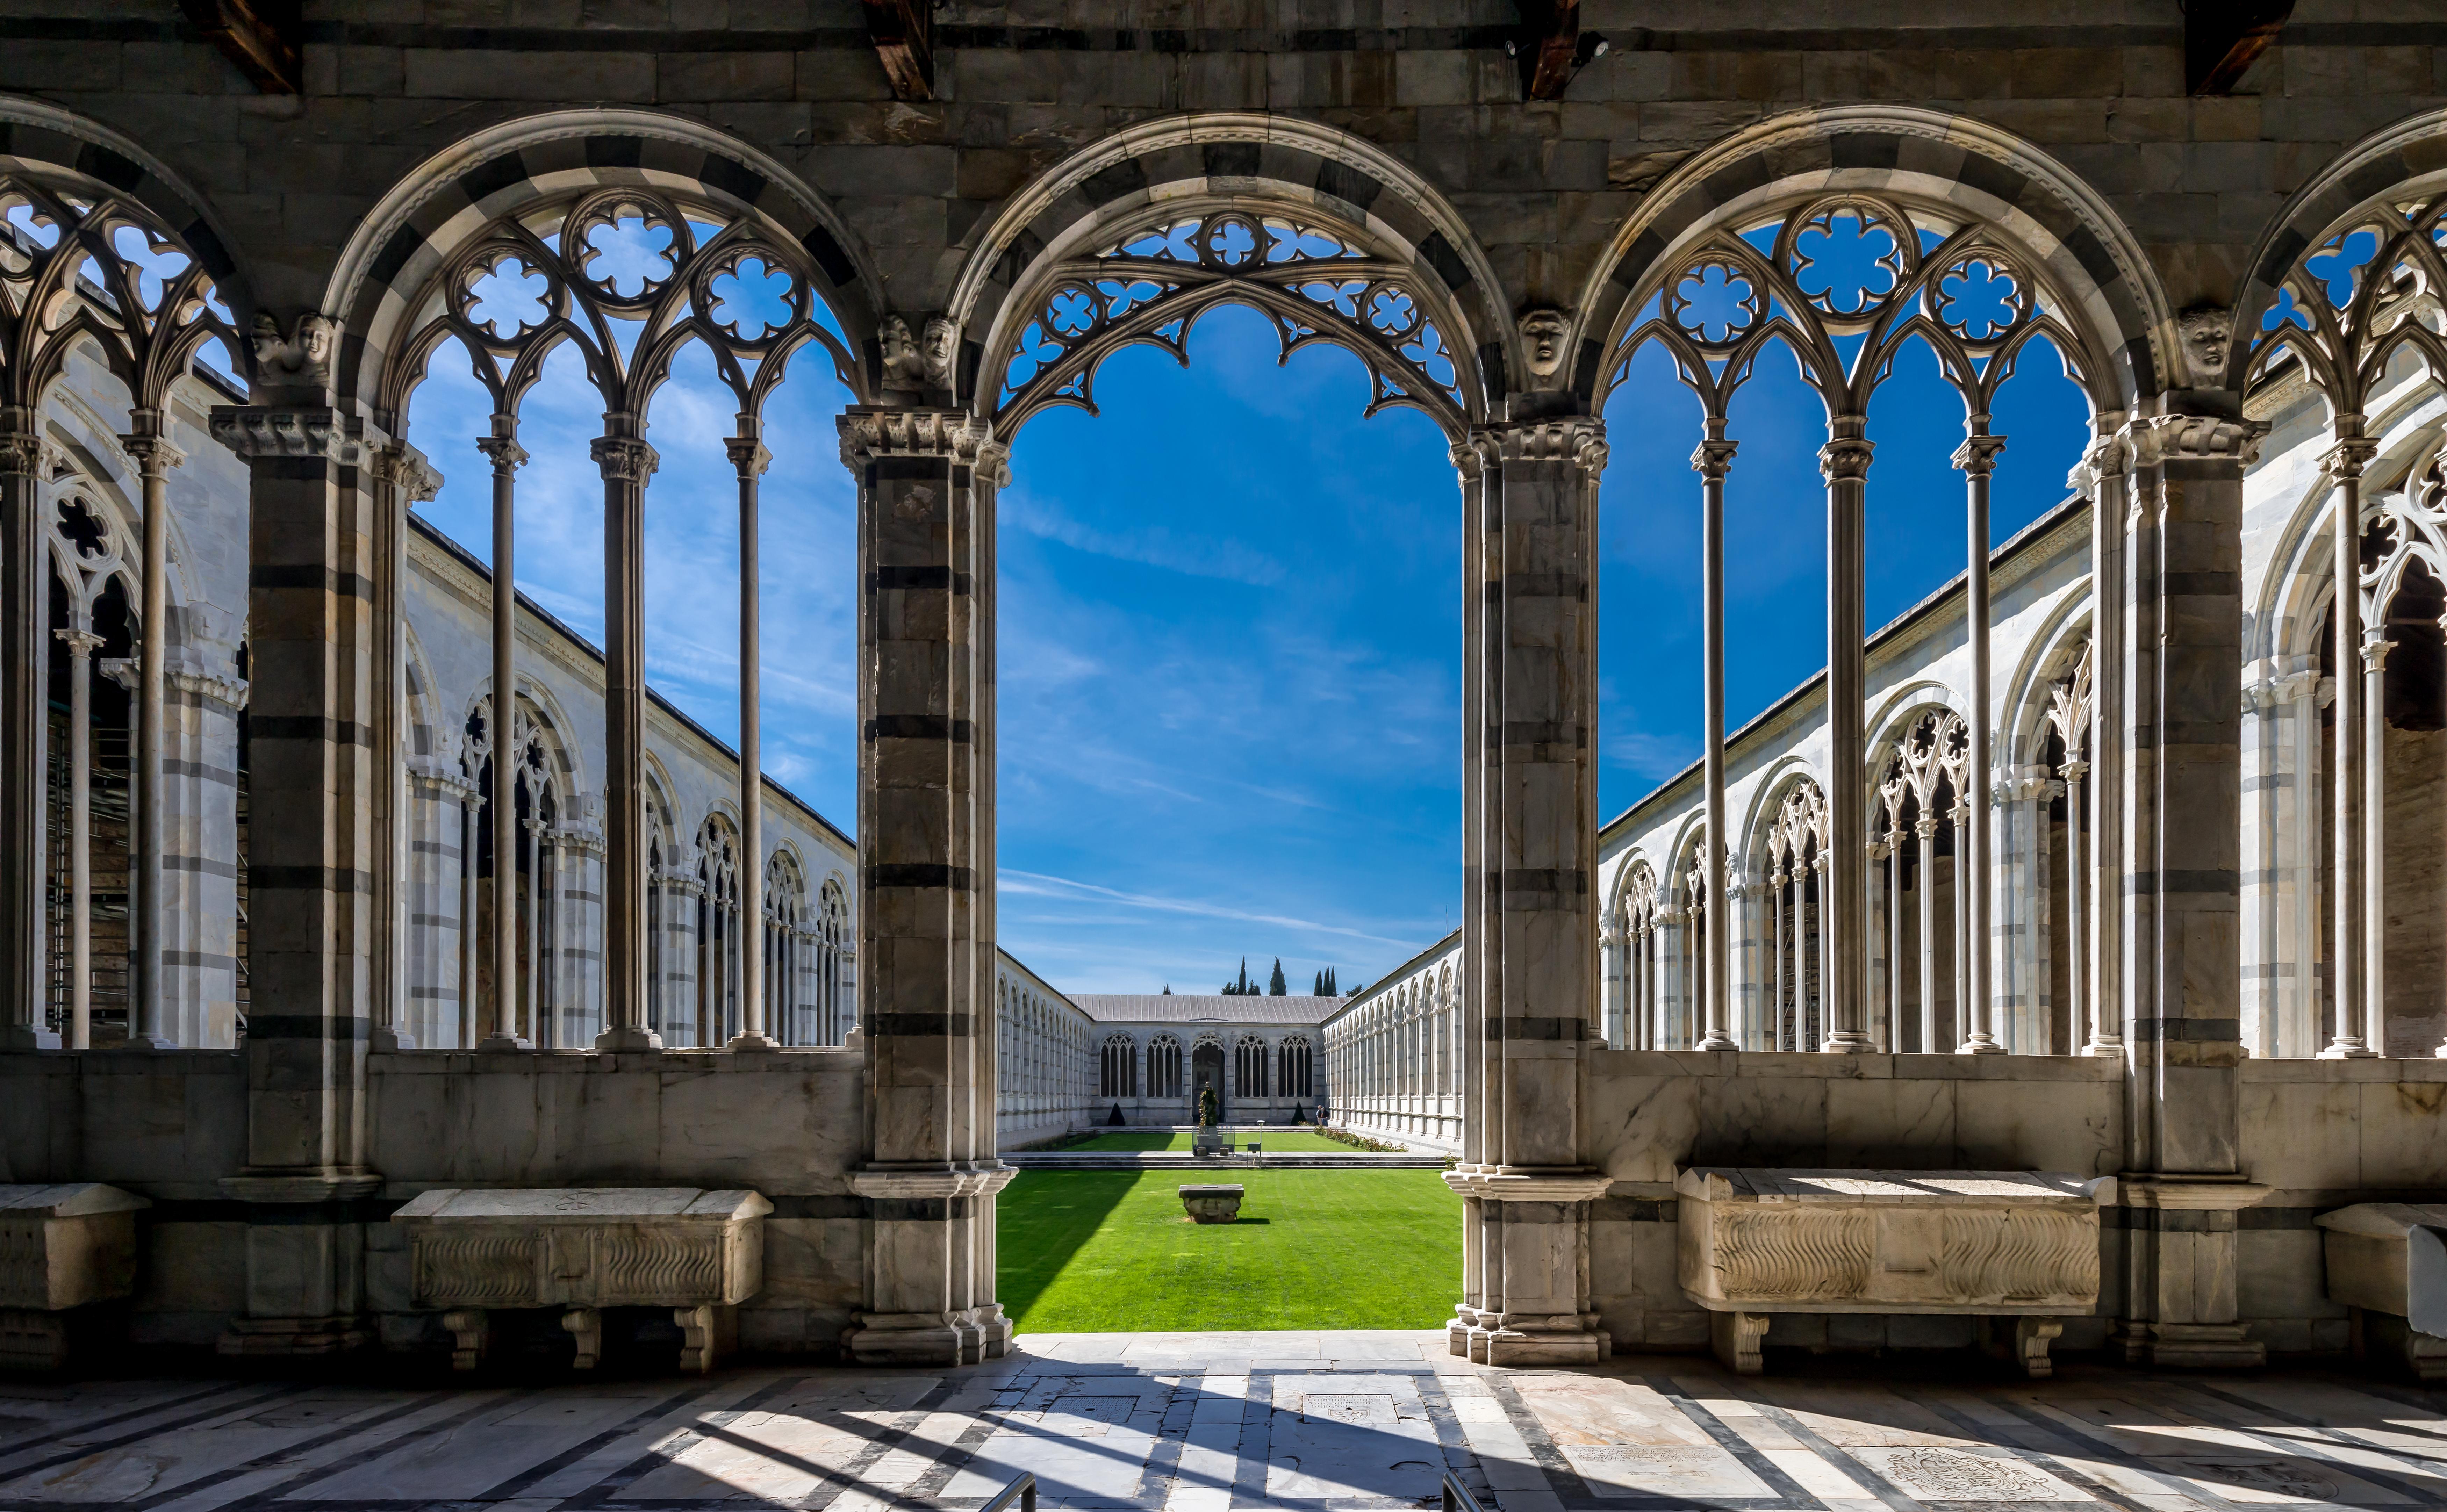 Kostenlose Foto Die Architektur Struktur Gebaude Alt Bogen